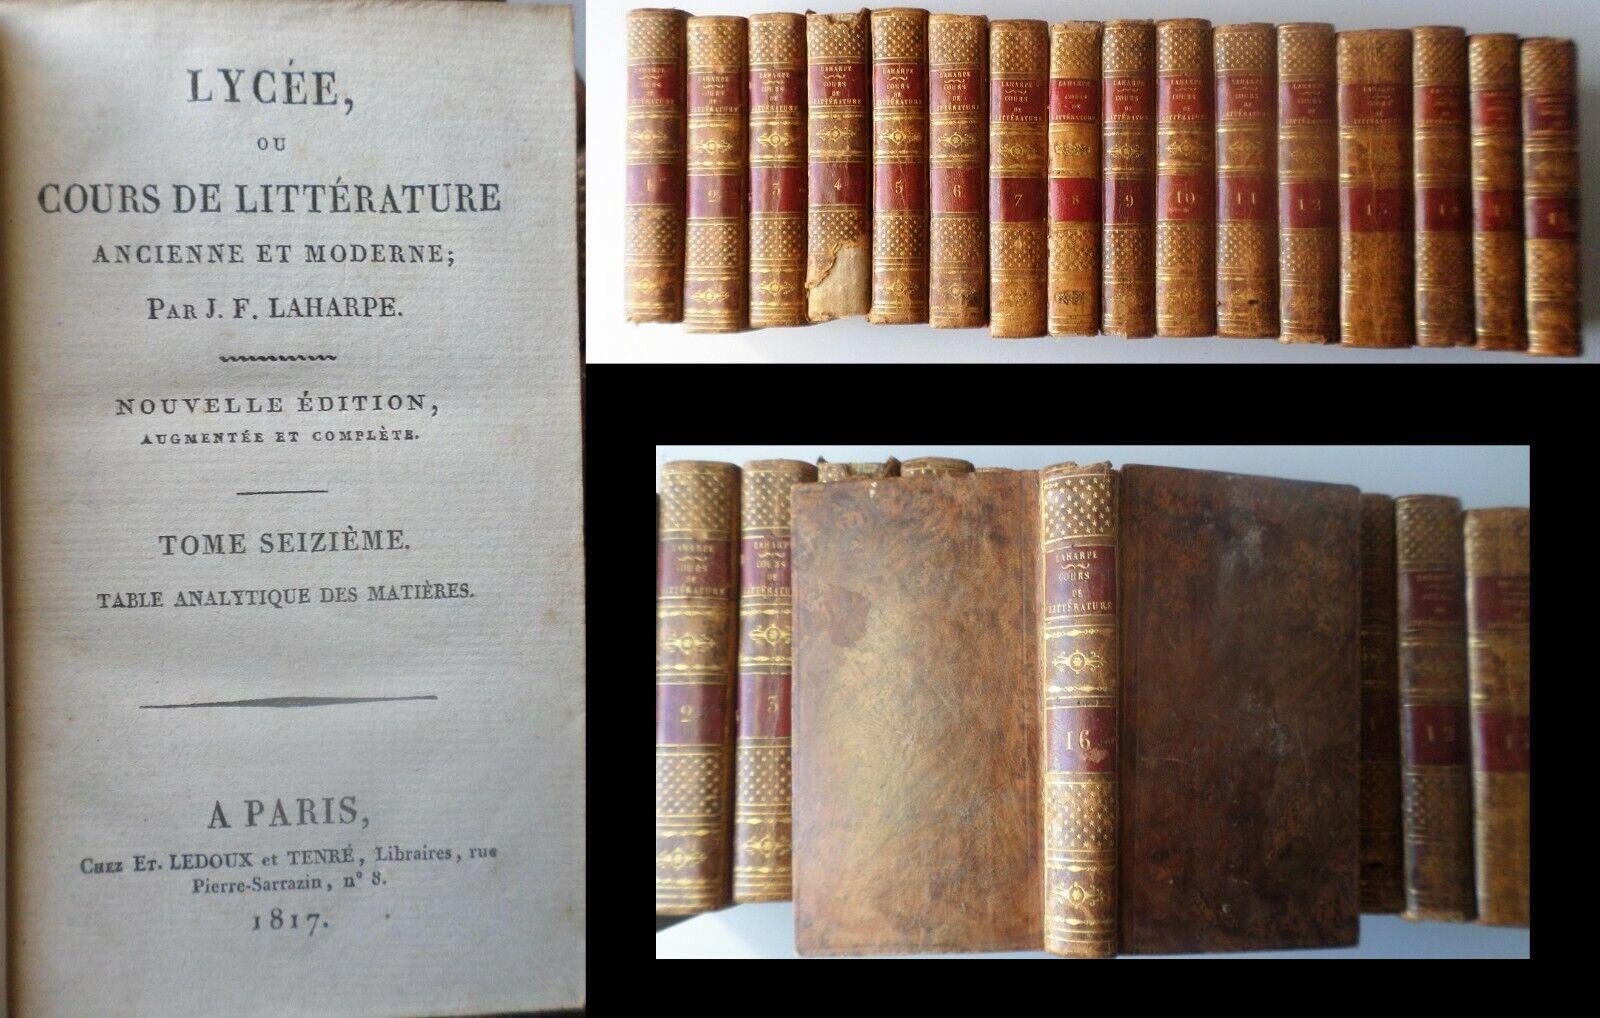 Lycée ou Cours de Littérature ancienne et moderne. Complet en 16 volumes. de LAHARPE J. F.